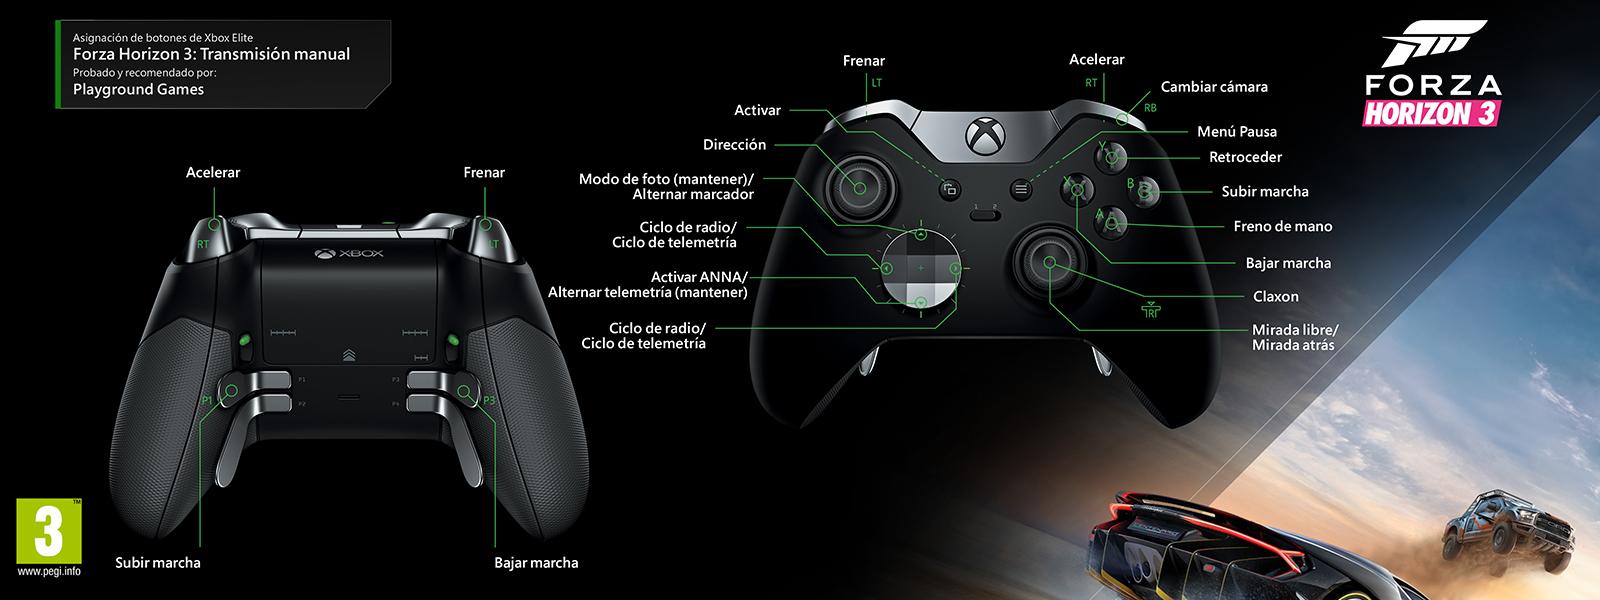 Forza Horizon 3: transmisión manual (asignación de funciones del mando Elite)